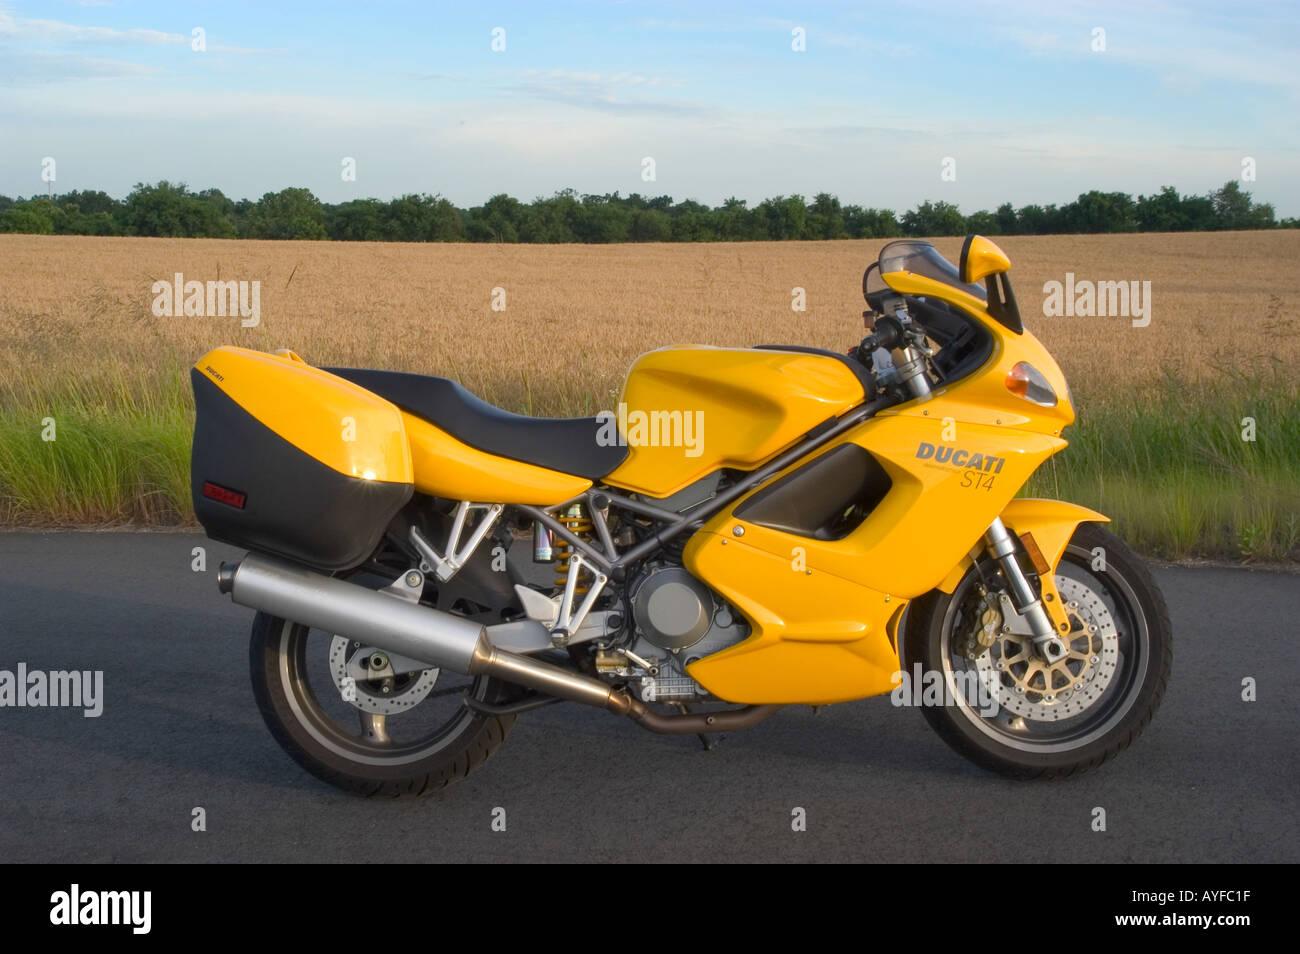 Ducati Motorcycle near Grain Field - Stock Image